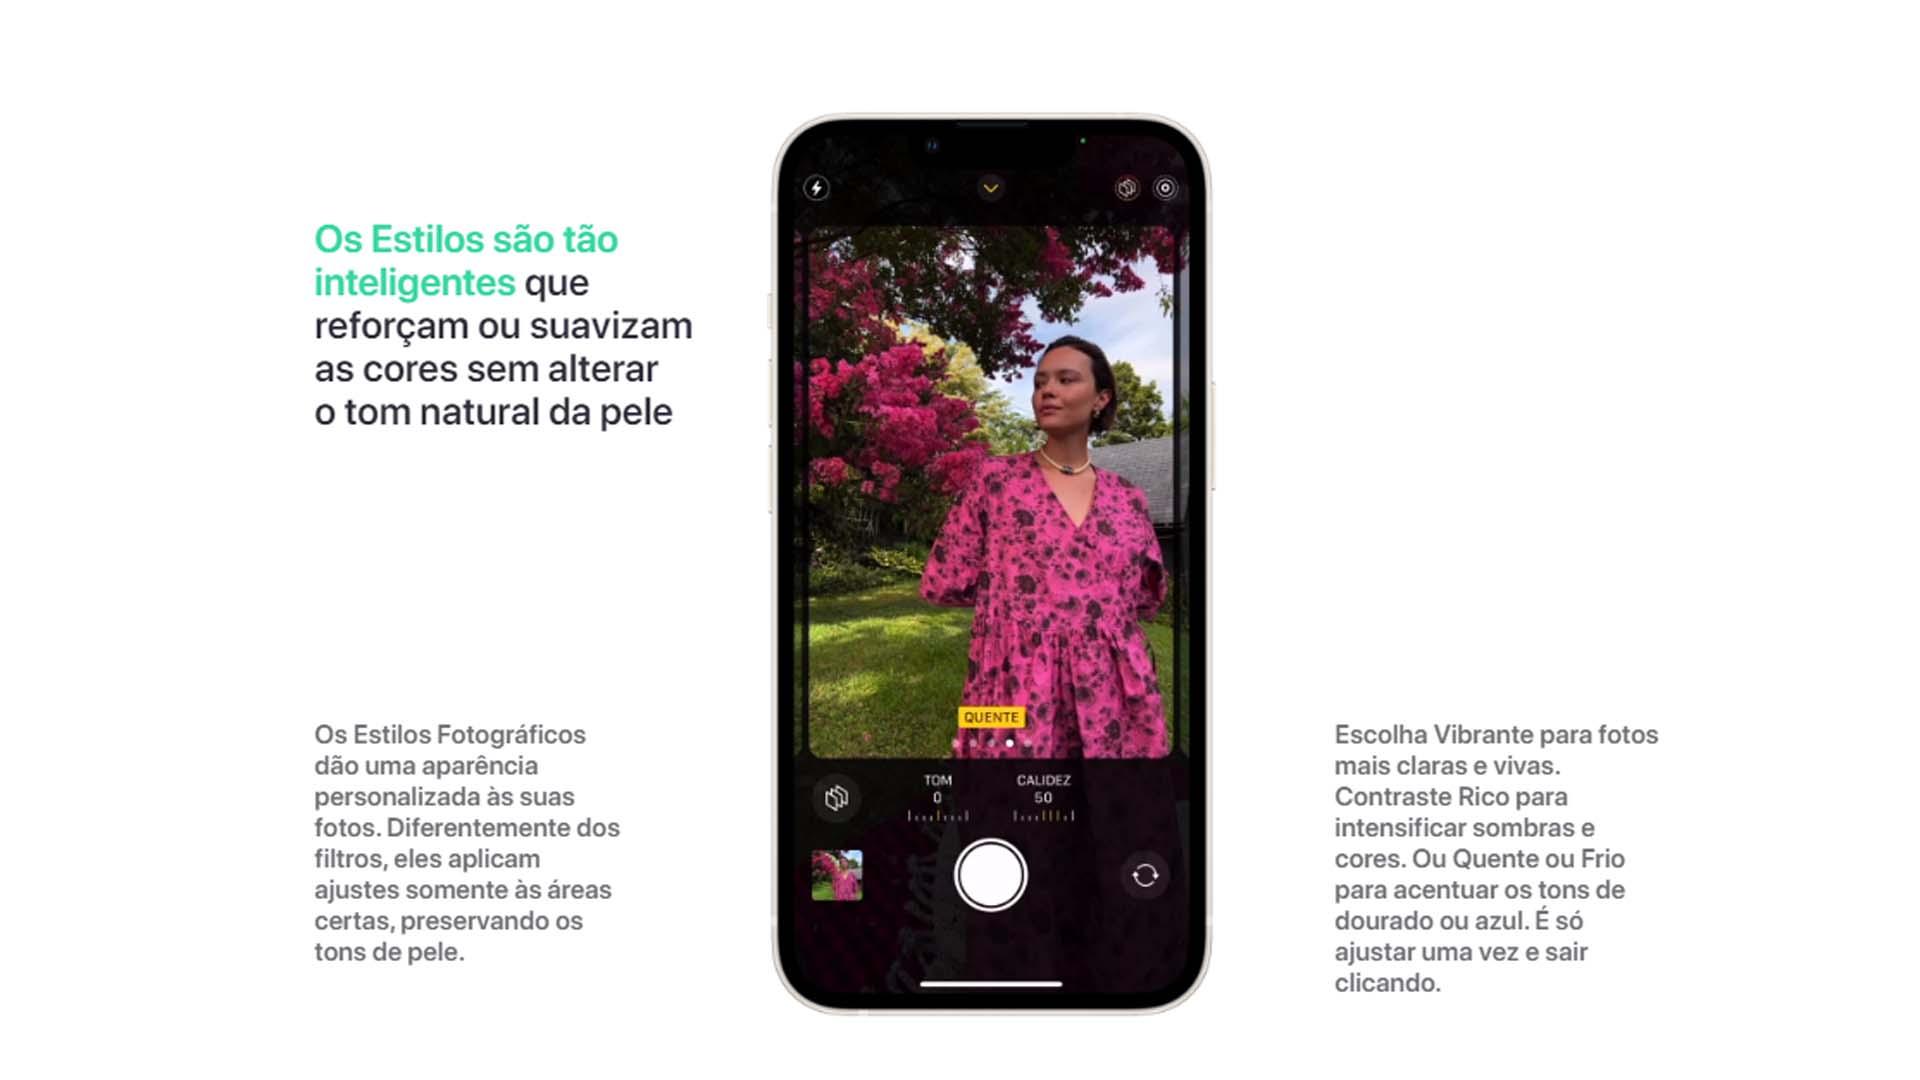 Imagem para mostrar detalhes do Modo Estilos no iPhone 13 mini